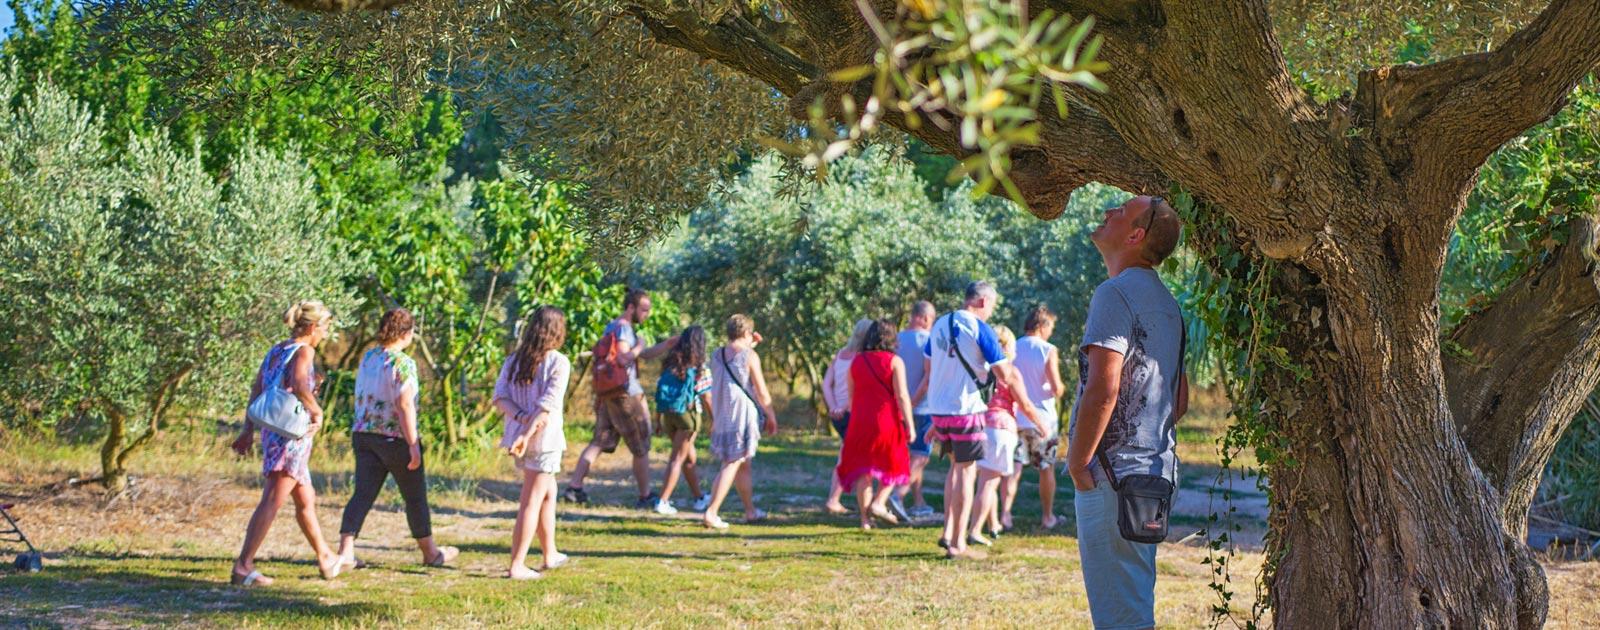 Découvrez les trésors du parc de Port Cros grâce au camping Lou Pantaï